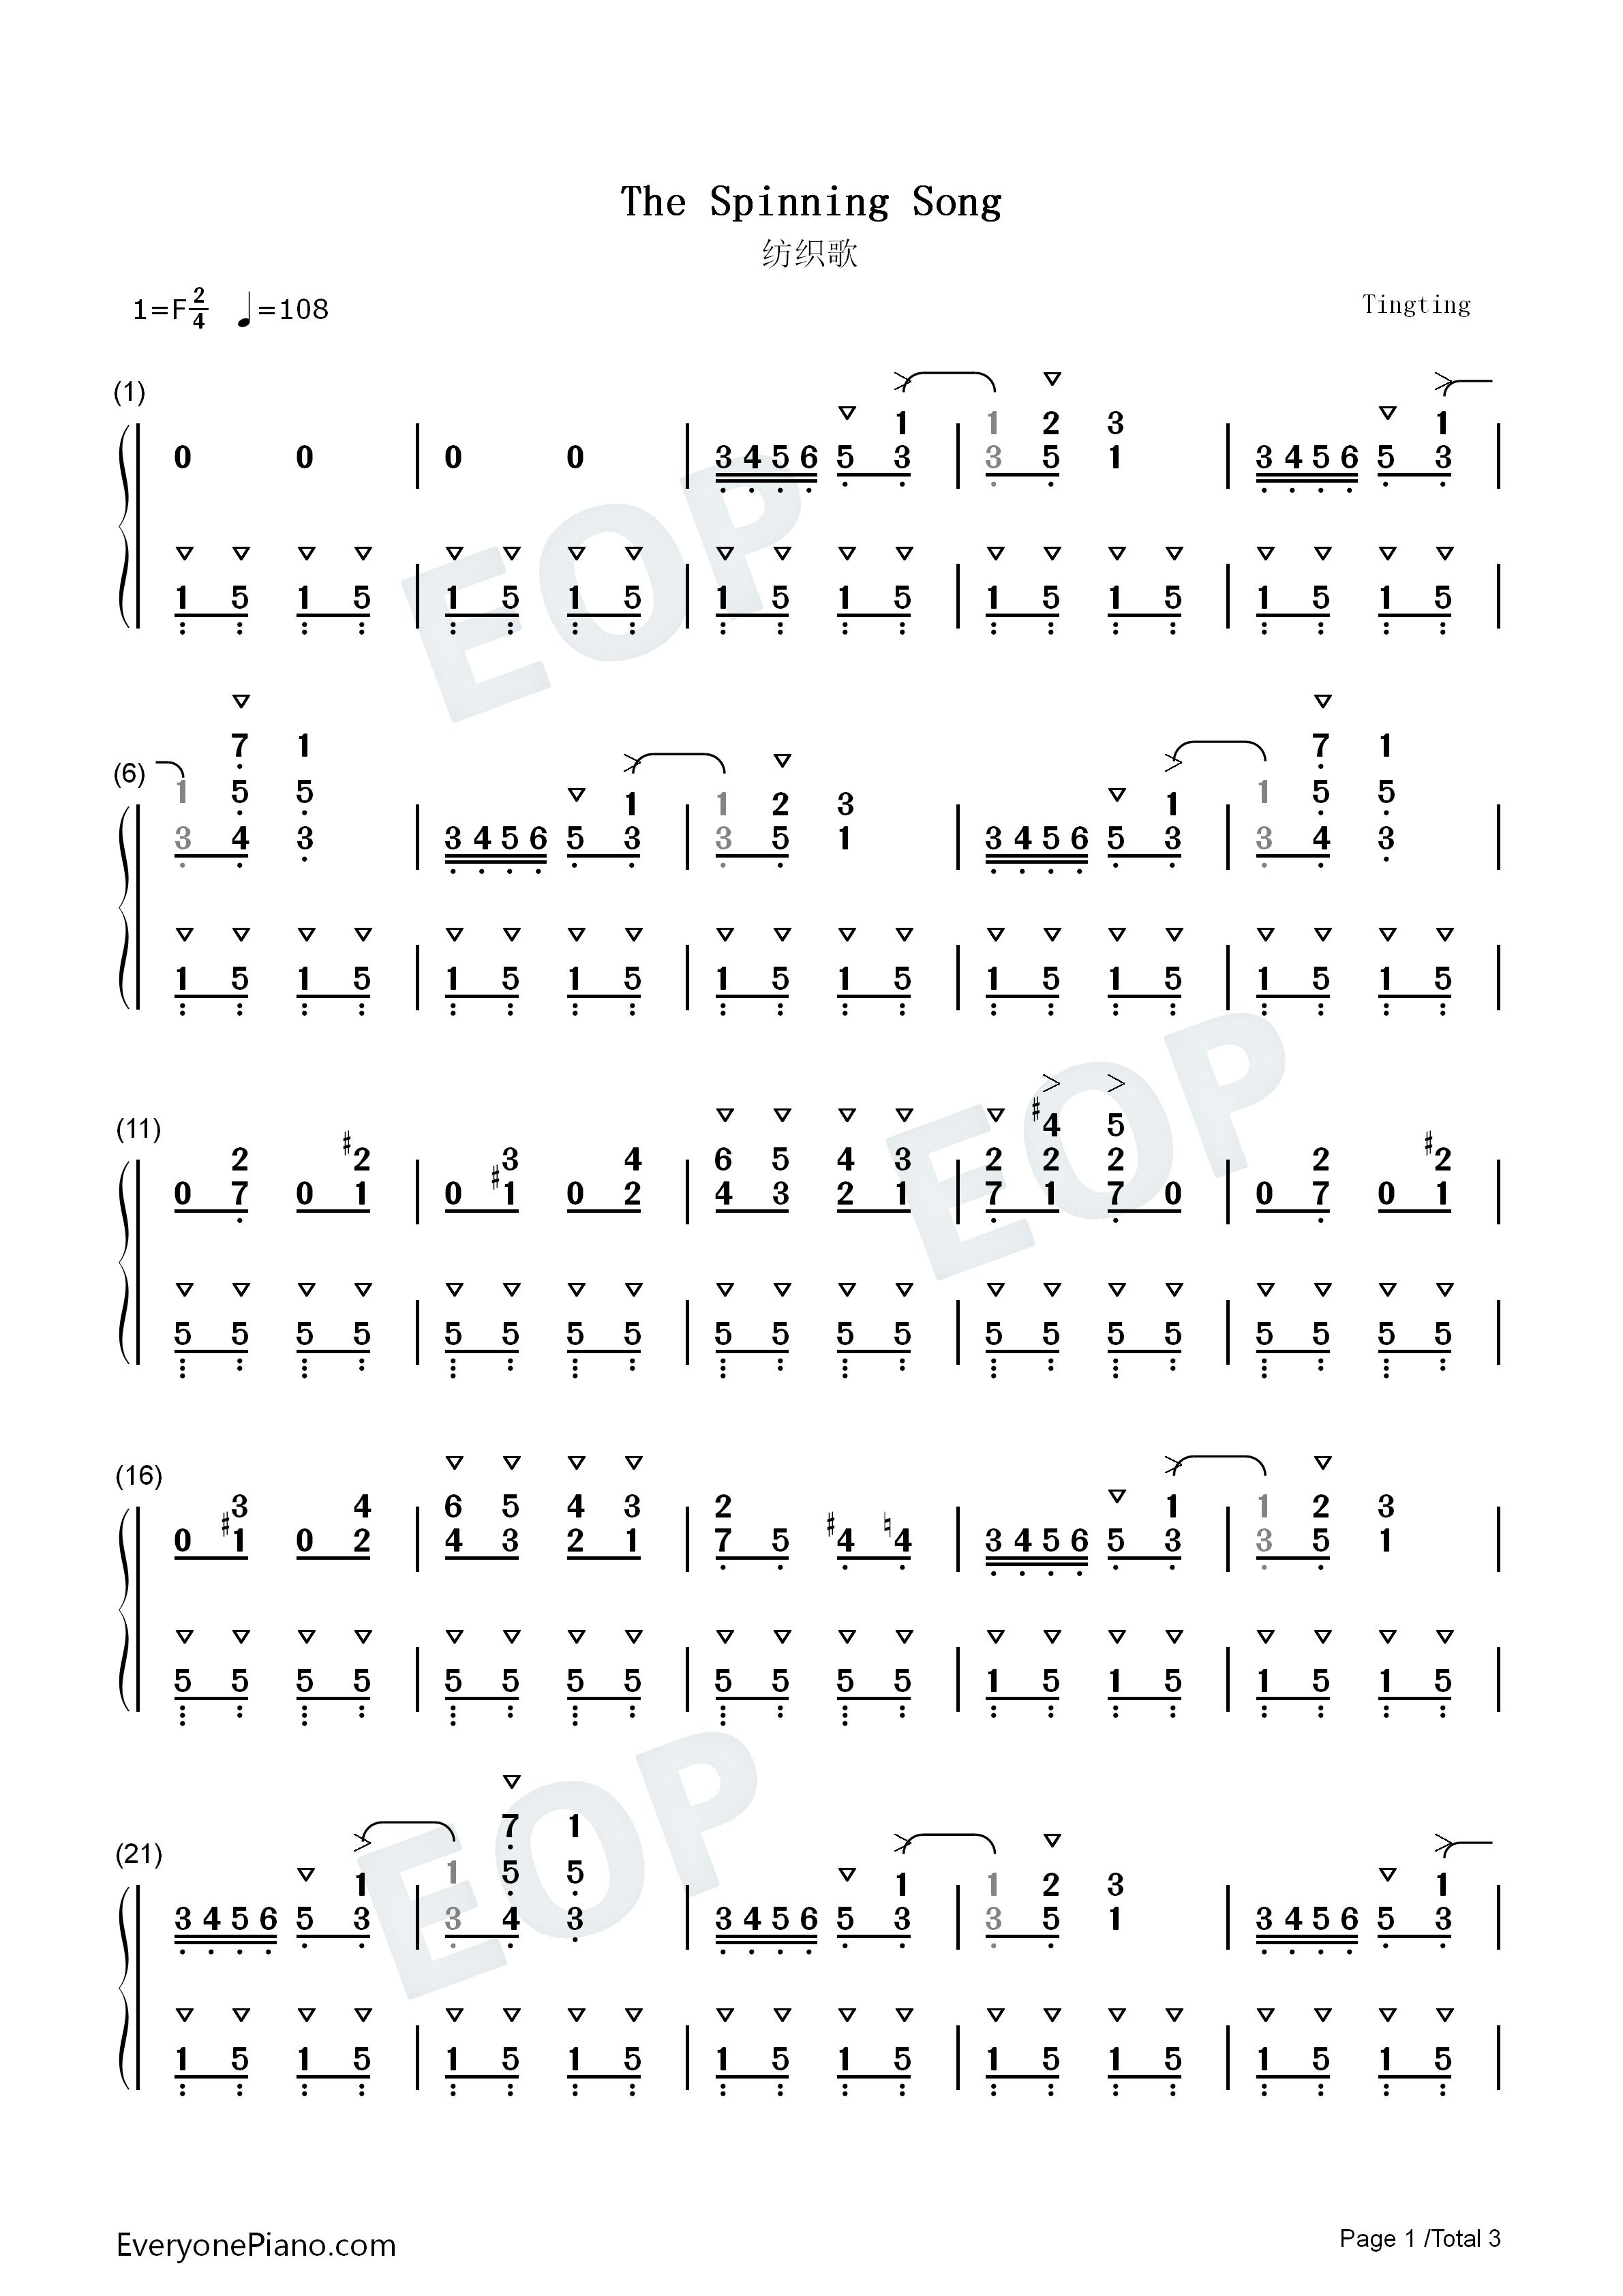 钢琴曲谱 民乐 纺织歌-埃尔门赖克 纺织歌-埃尔门赖克双手简谱预览1